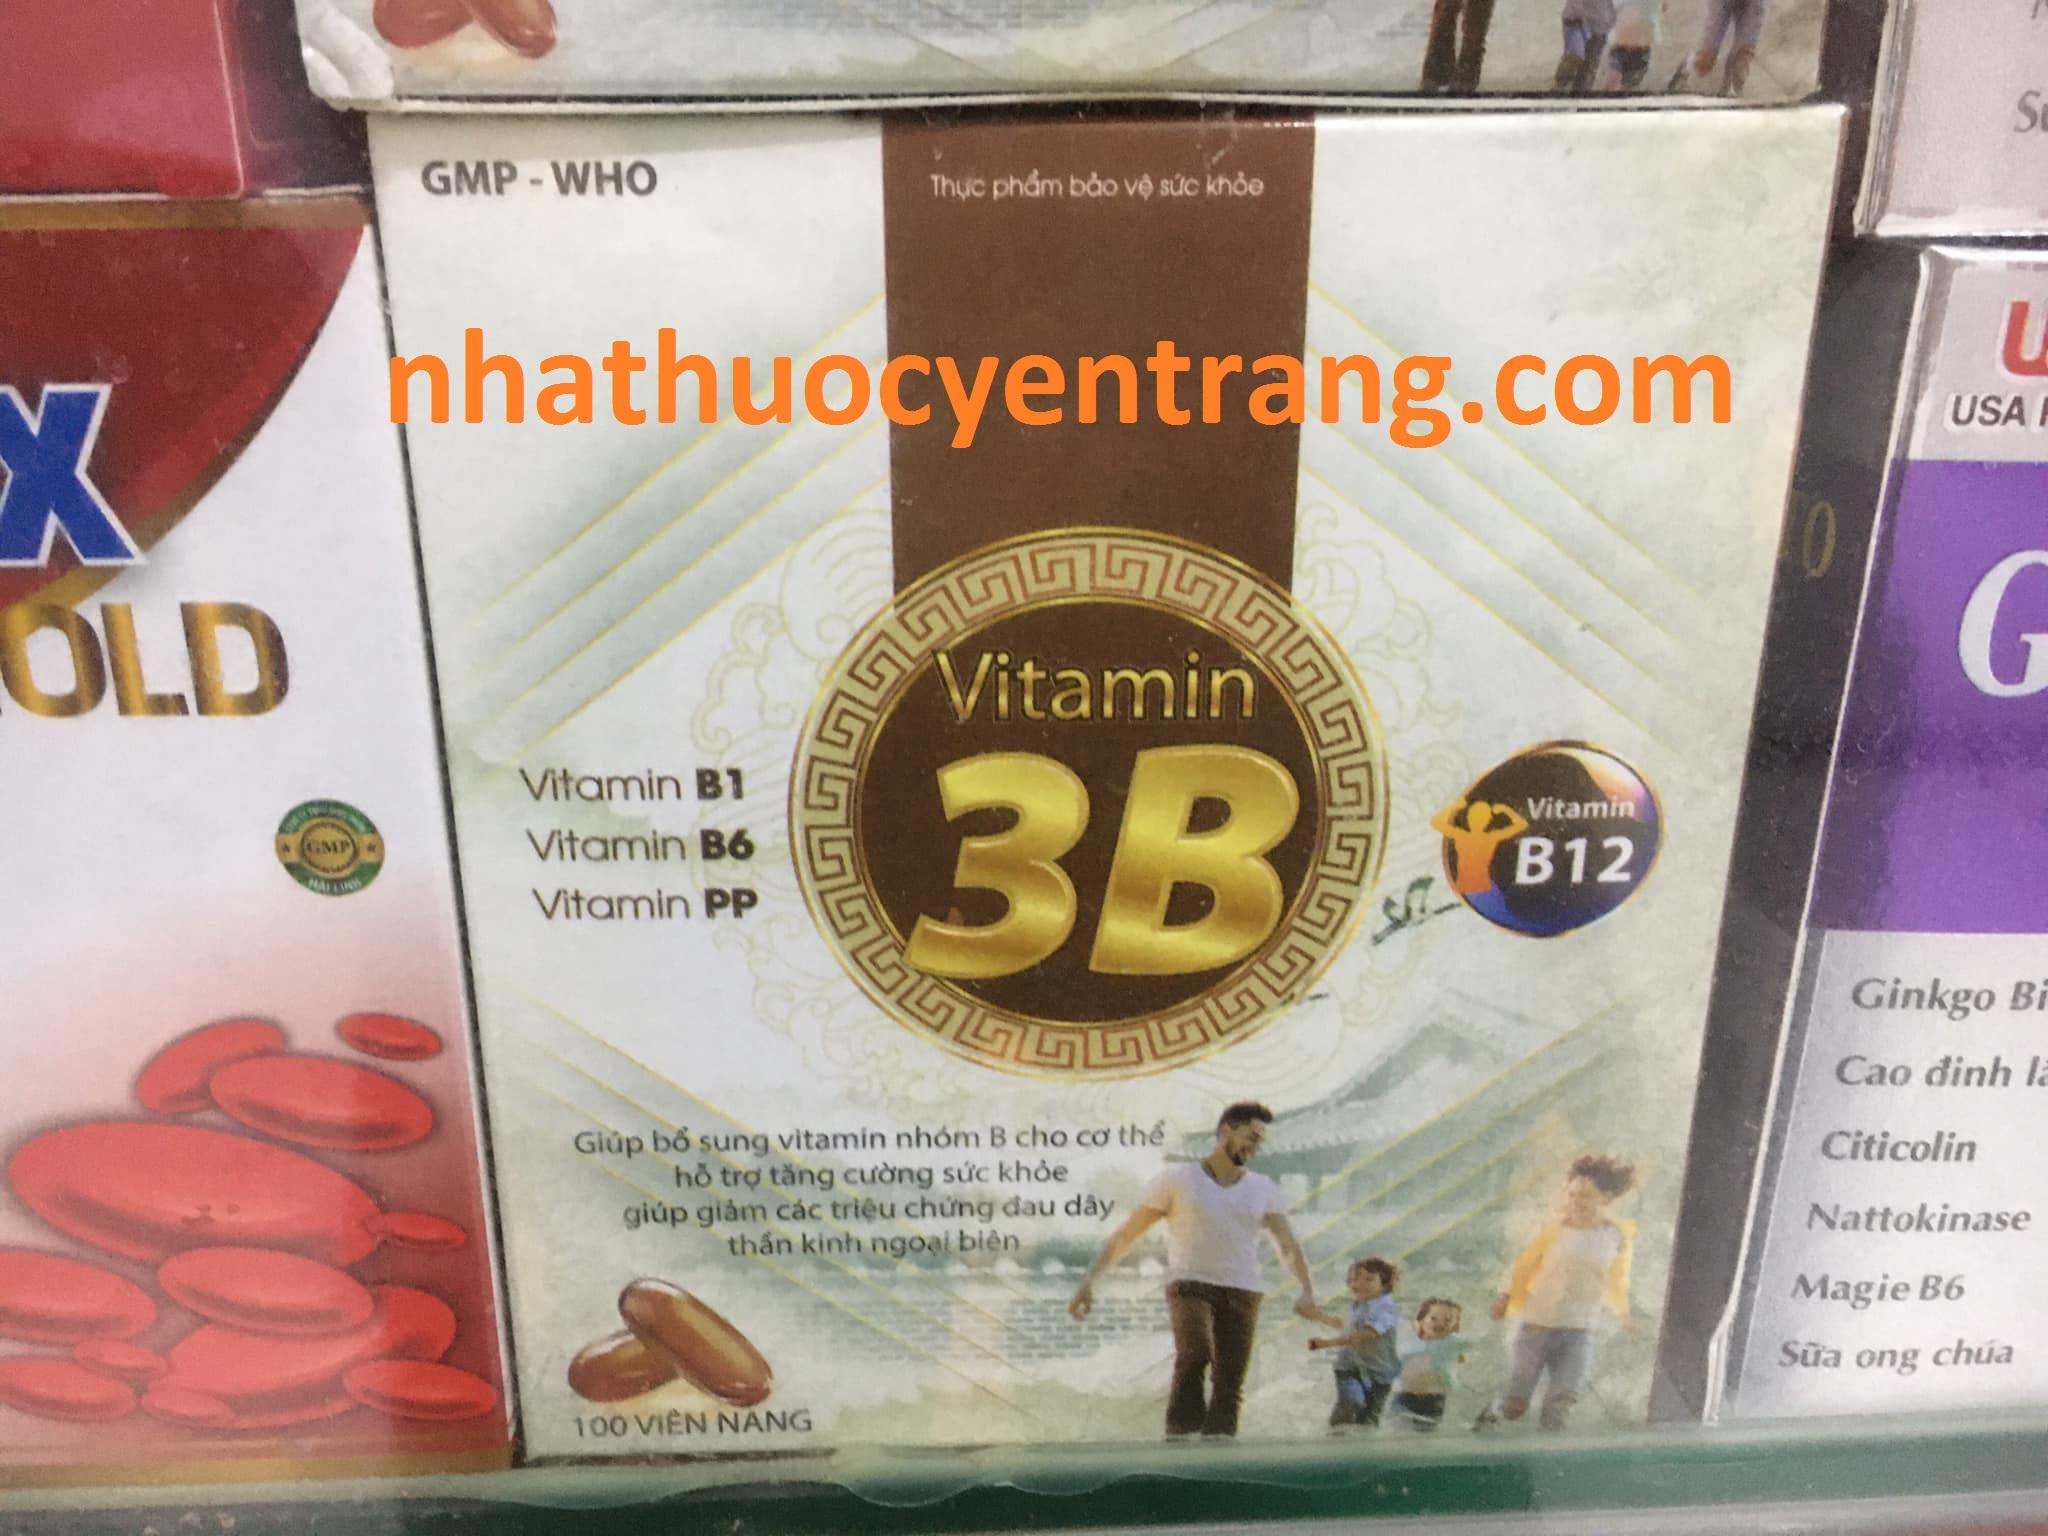 Vitamin 3B